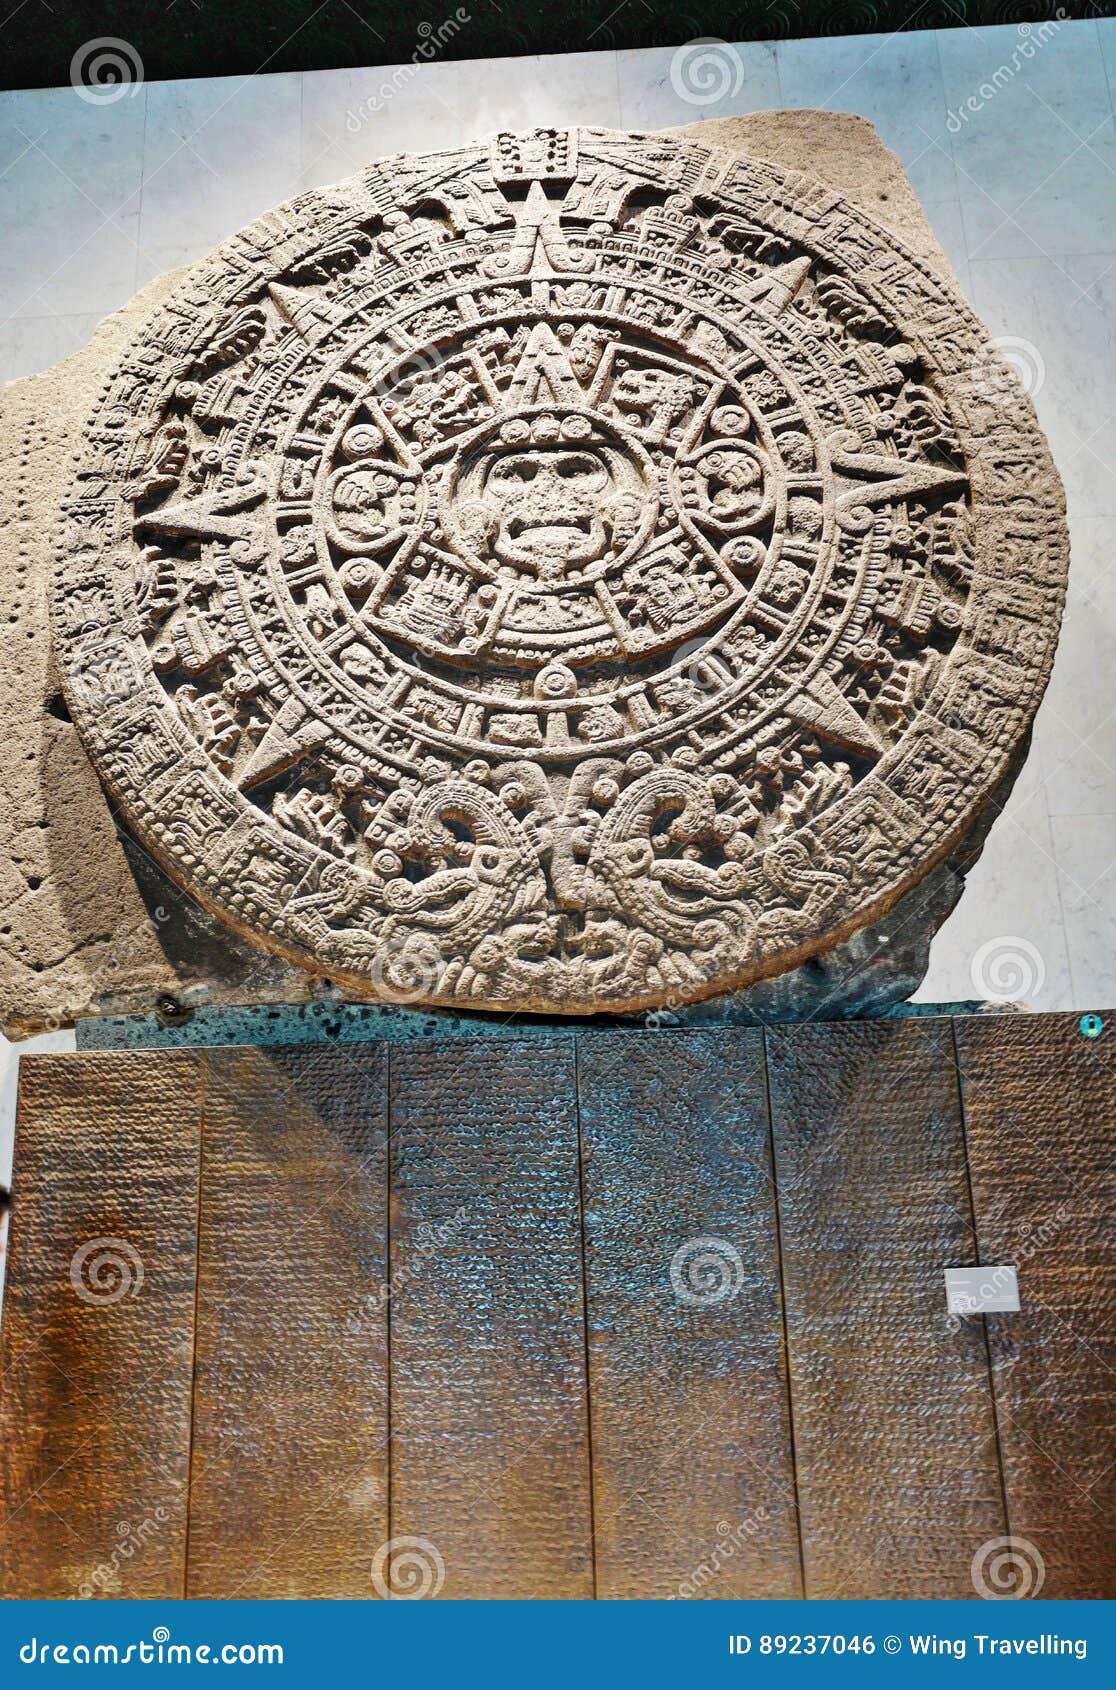 Aztec Calendar Stone.Aztec Calendar Stone Or Sun Stone Stock Photo Image Of